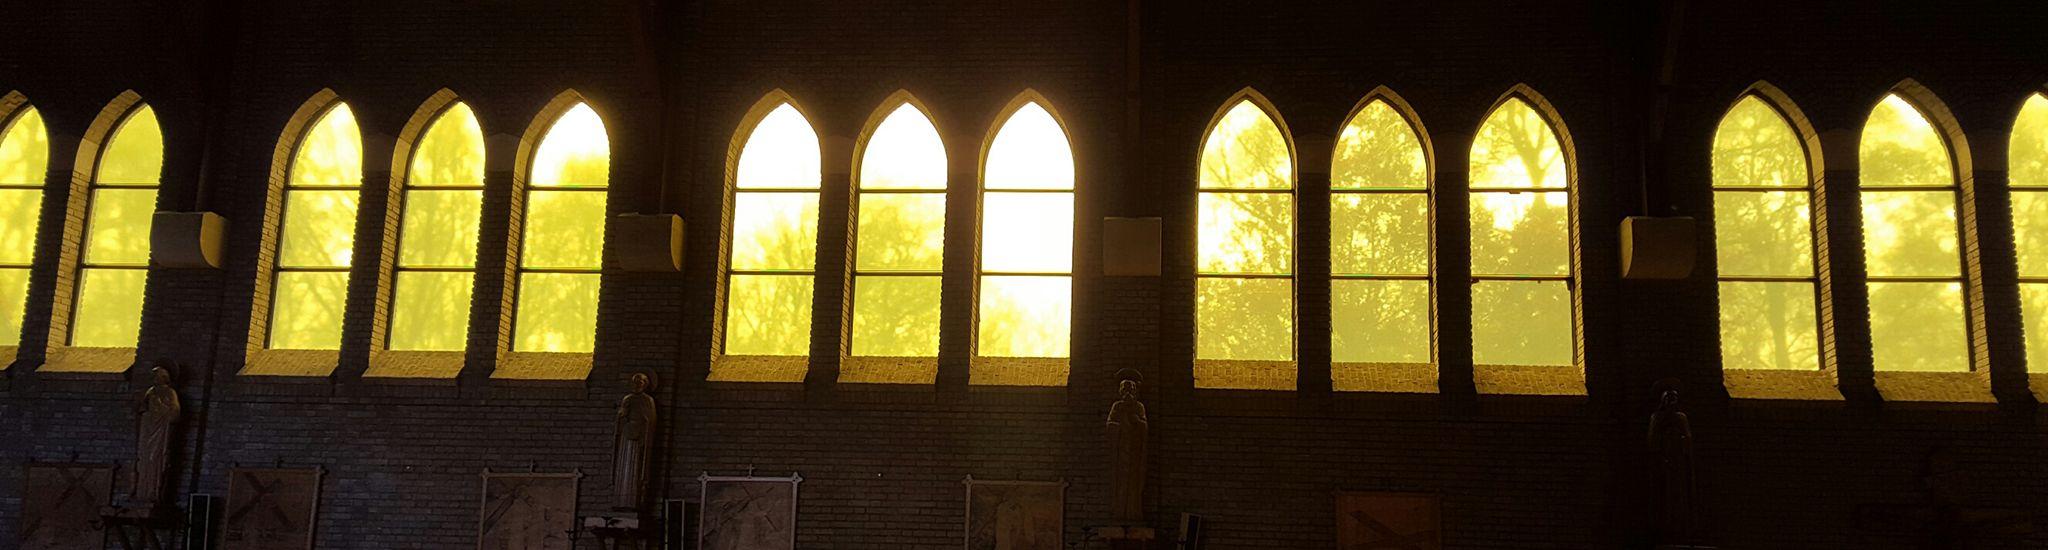 De gerenoveerde ramen van de kerk in Steenwijksmoer